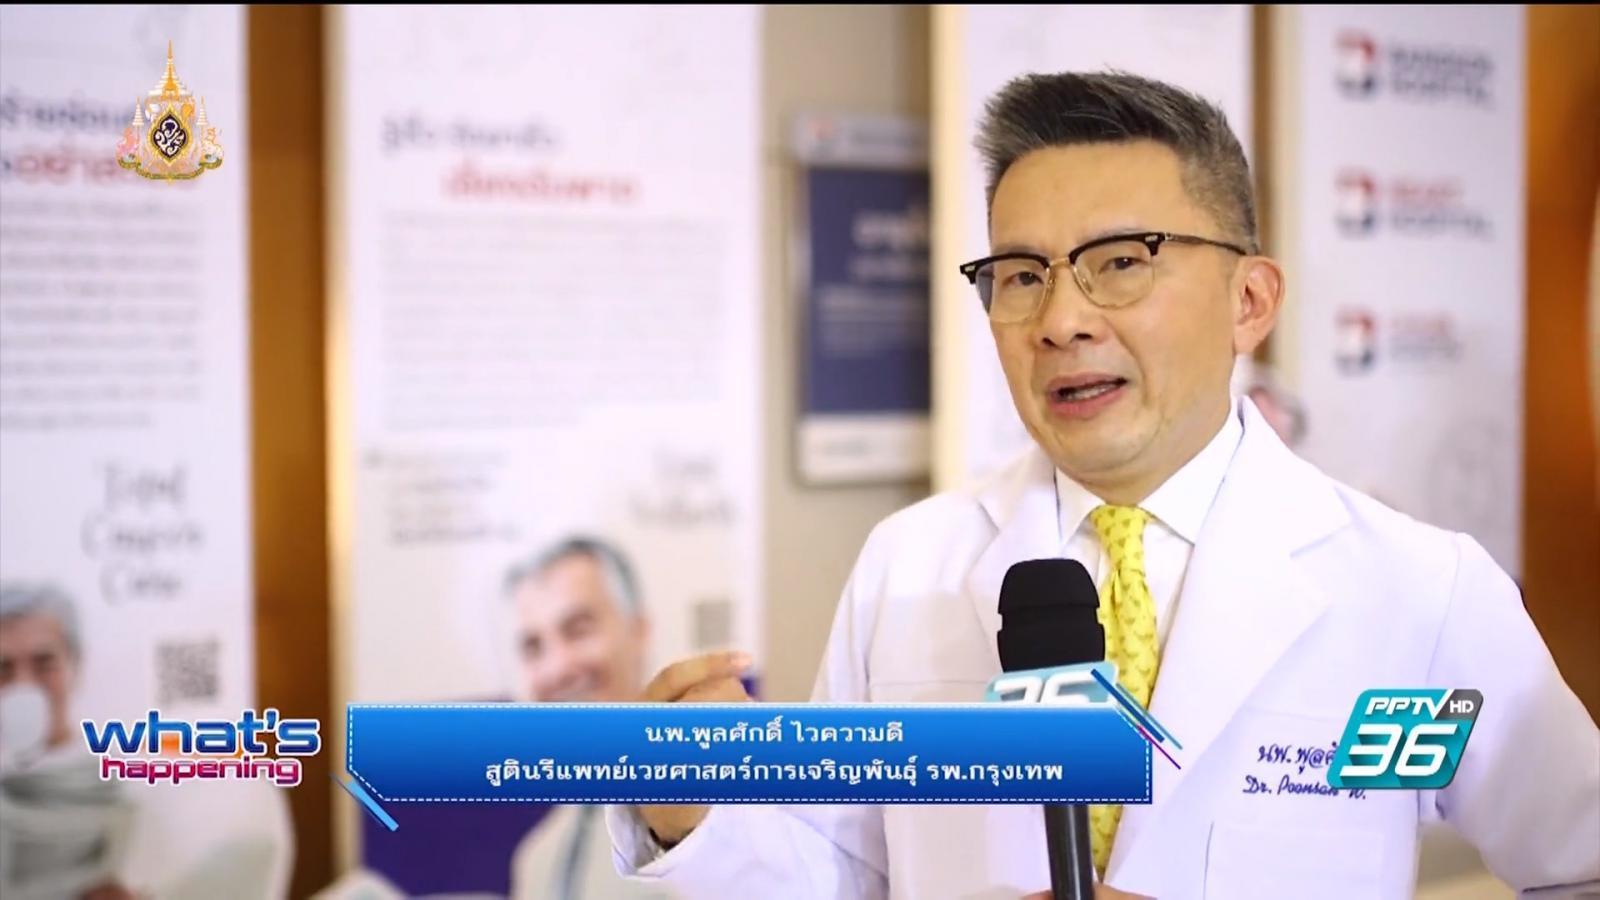 """โรงพยาบาลกรุงเทพ จัดงาน  """"Power of generation Total care"""""""